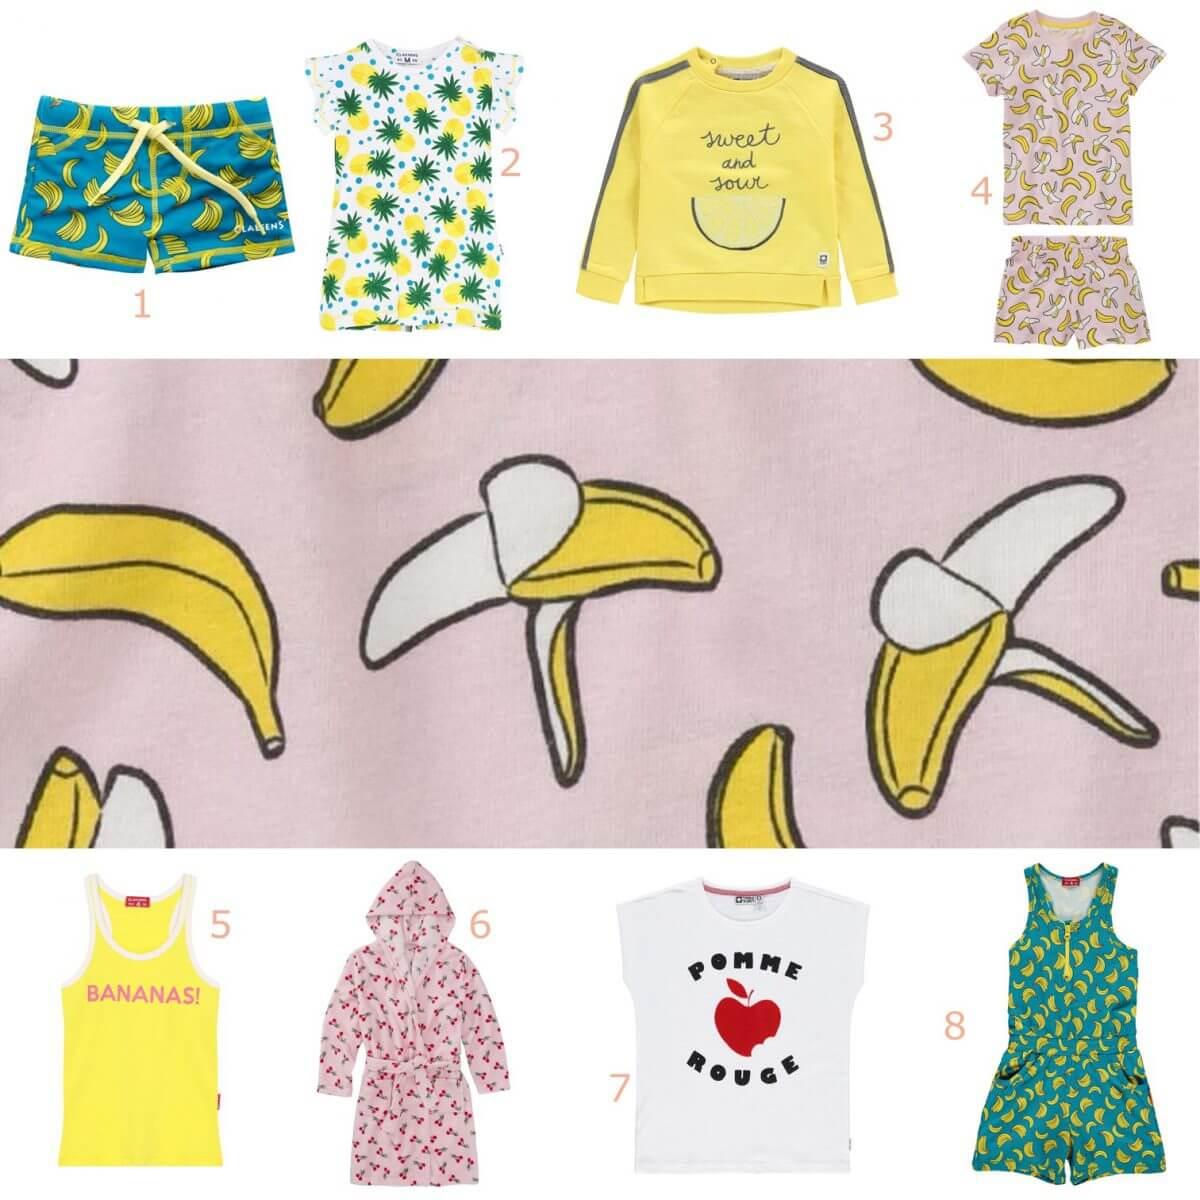 5 kinderkleding trends voor de zomer - fruit prints